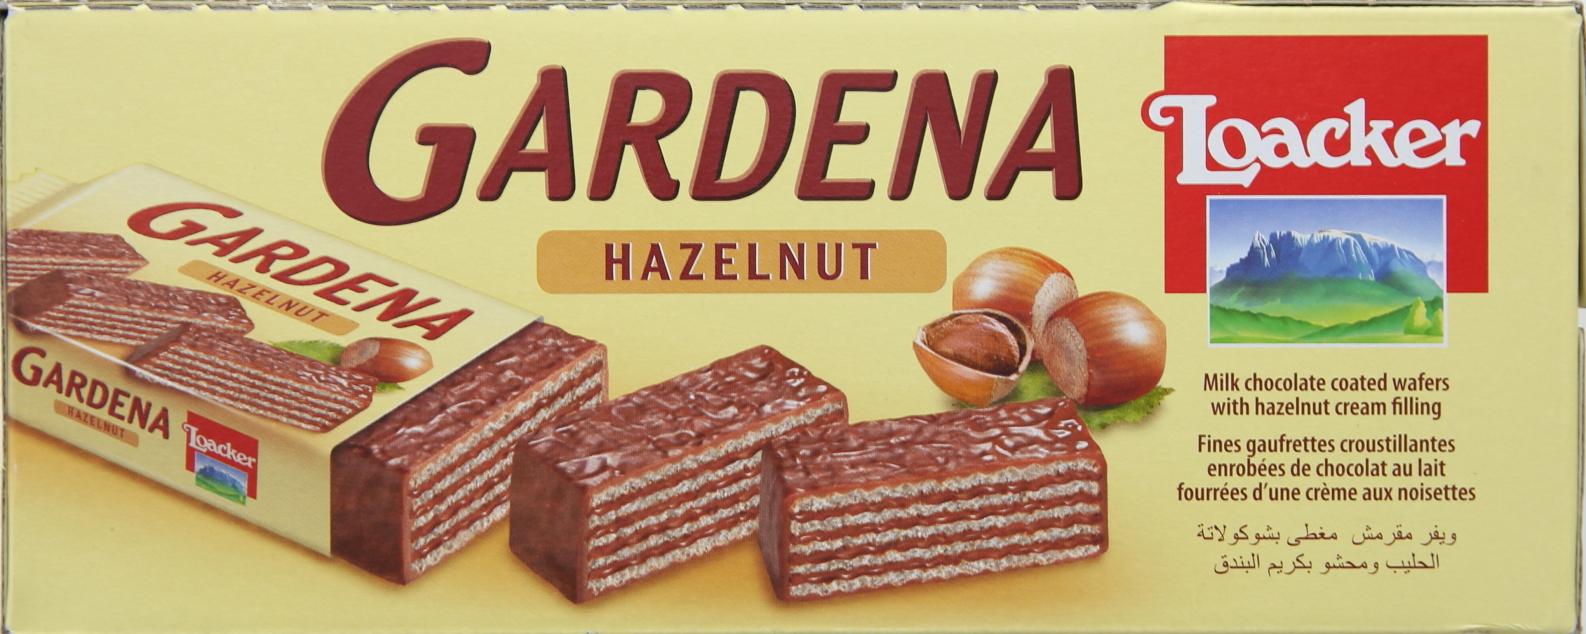 LOACKER GARDENA HAZELNUT 38GRX25